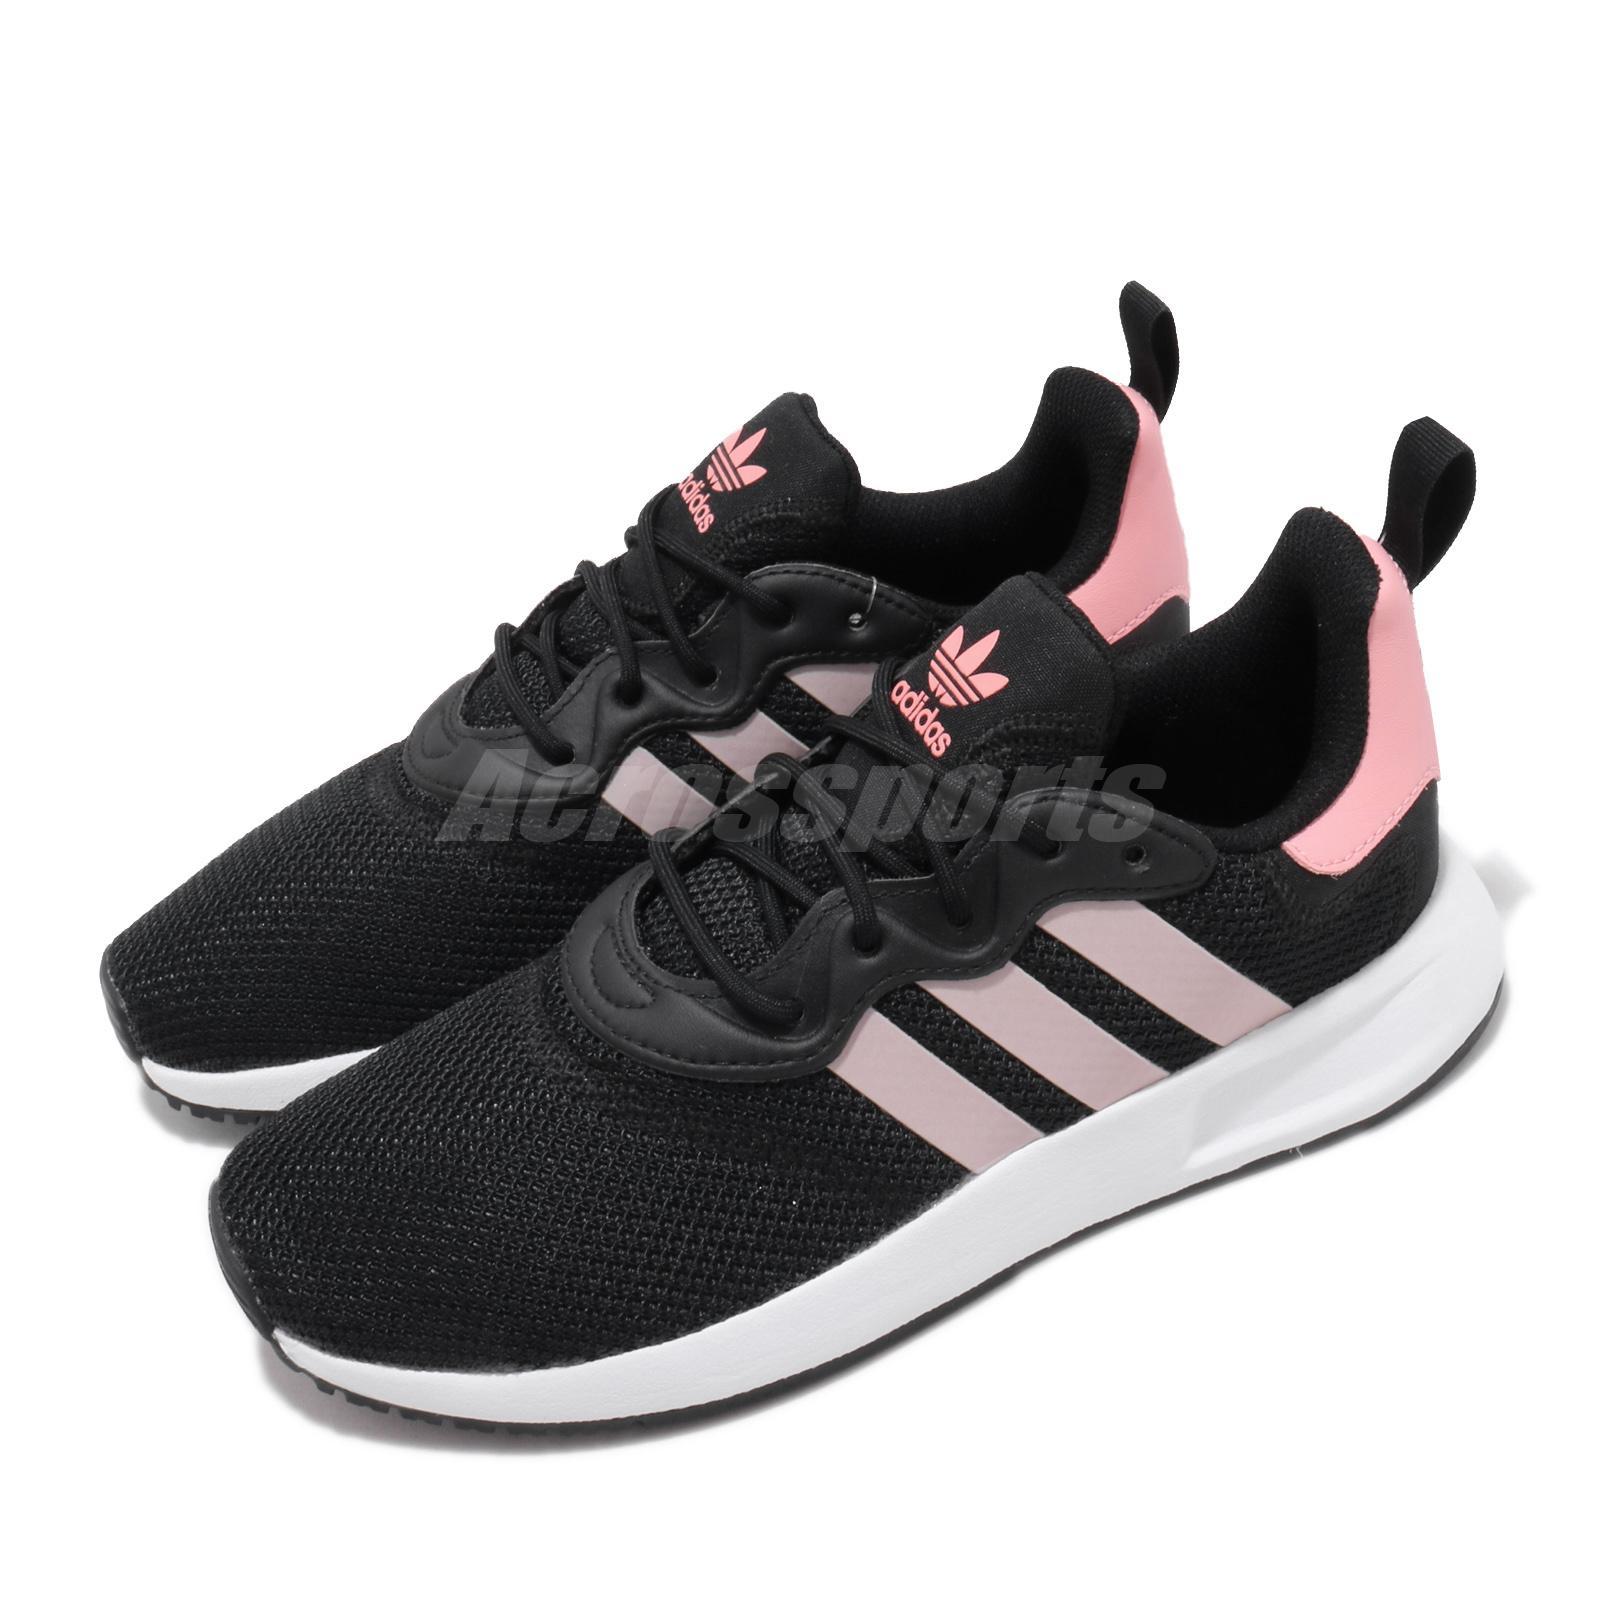 adidas Originals X_PLR S W Black Pink